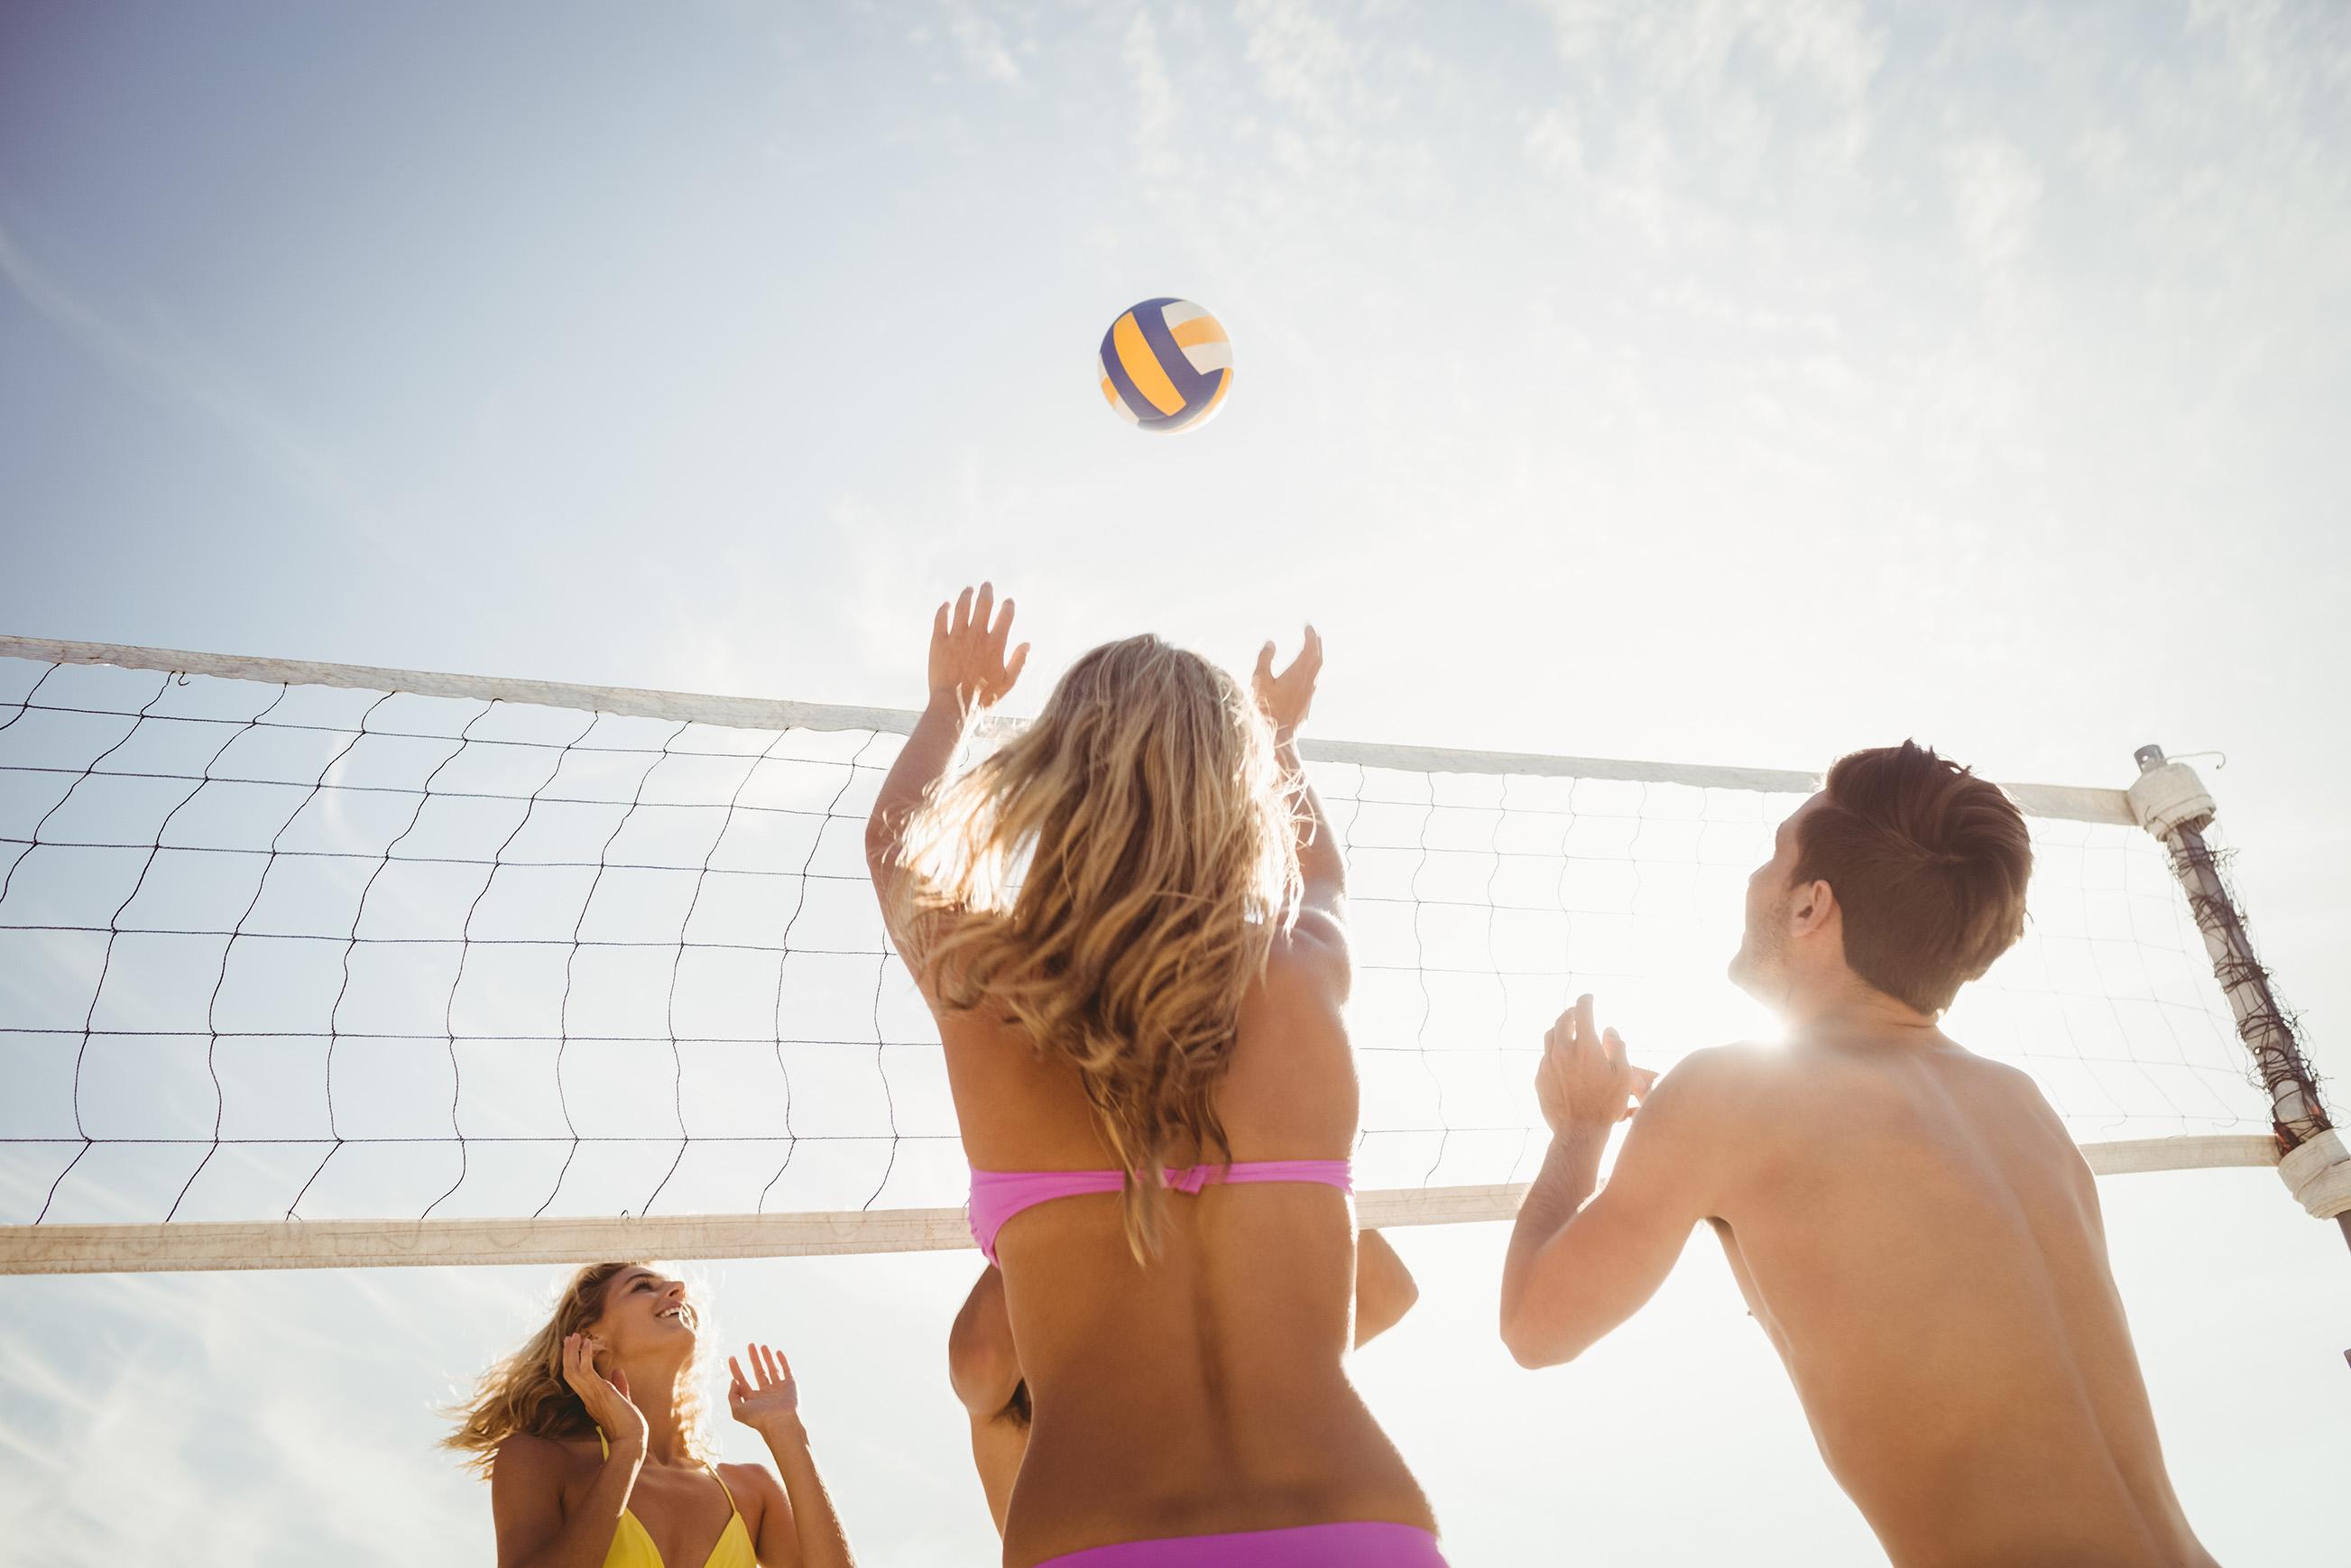 Exercícios no verão: confira os treinos ideais para a estação mais quente do ano